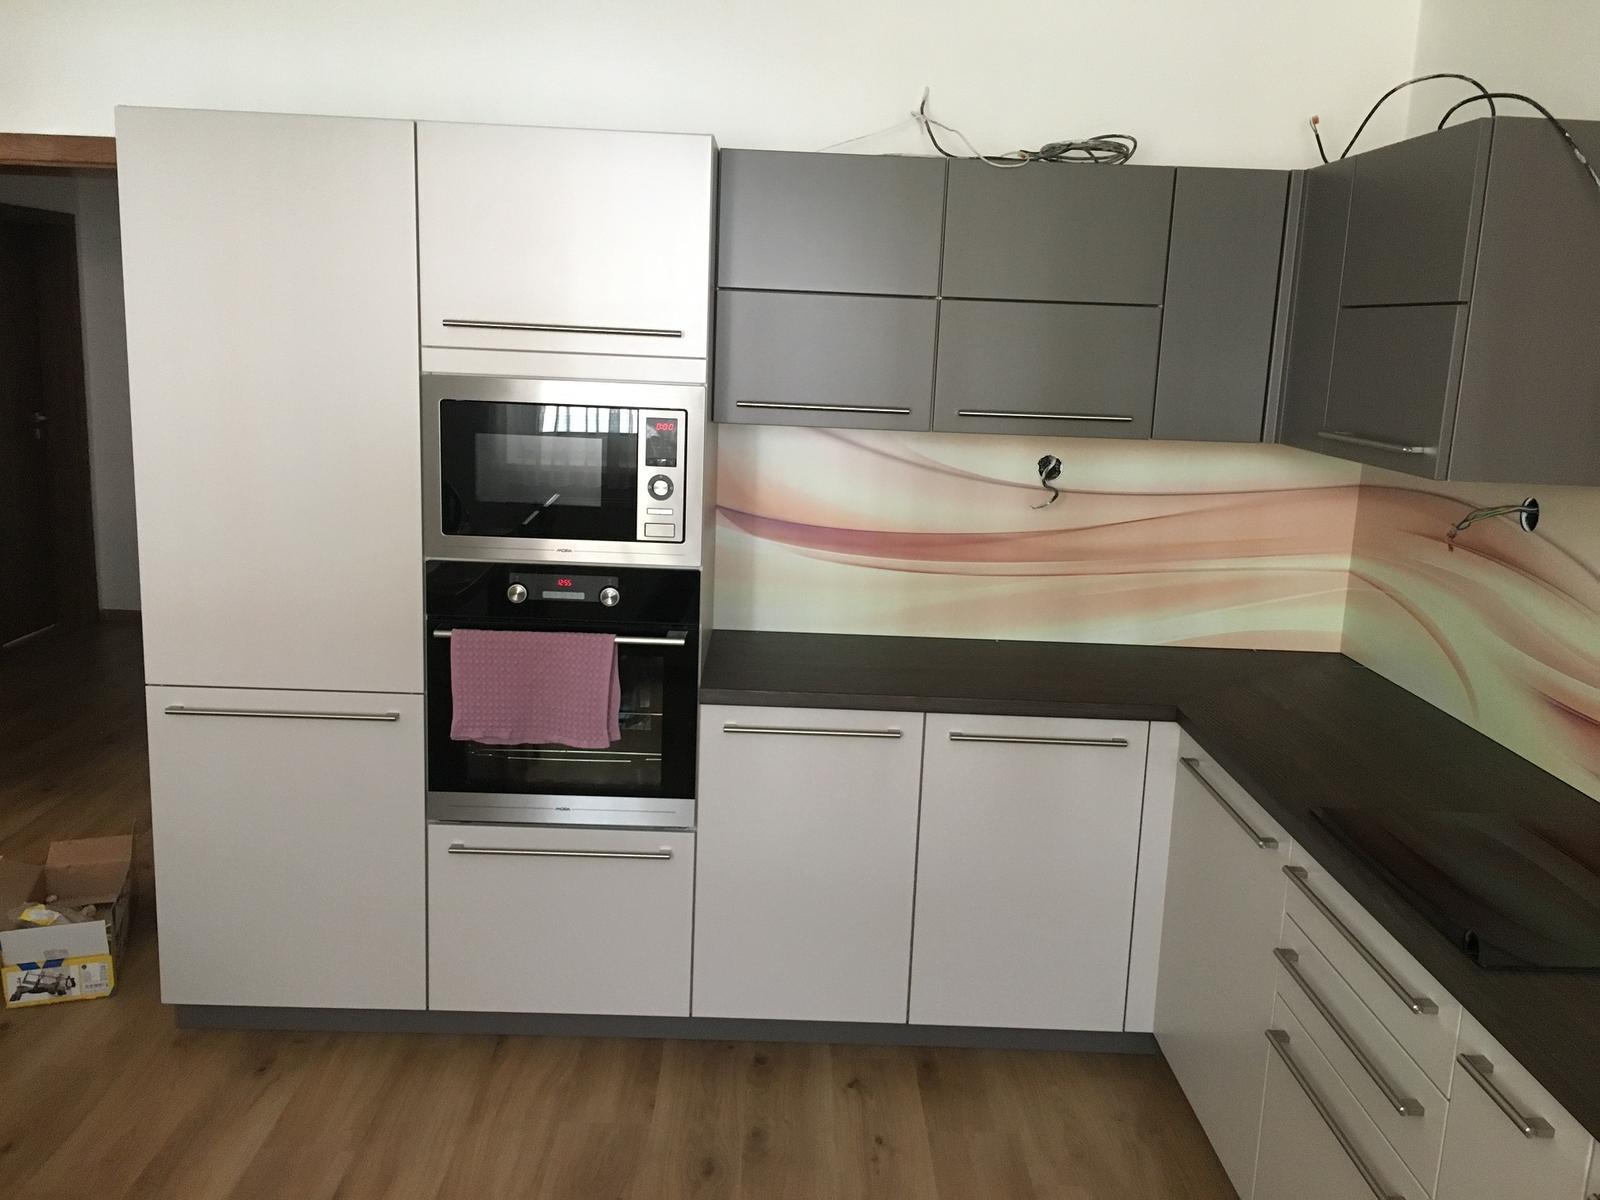 Graftazit - moderný (nielen) kuchynský a kúpeľňový obklad - Realizácia obkladu Graftazit spolu s kuchyňou pre zákazníkov do rodinného domu.